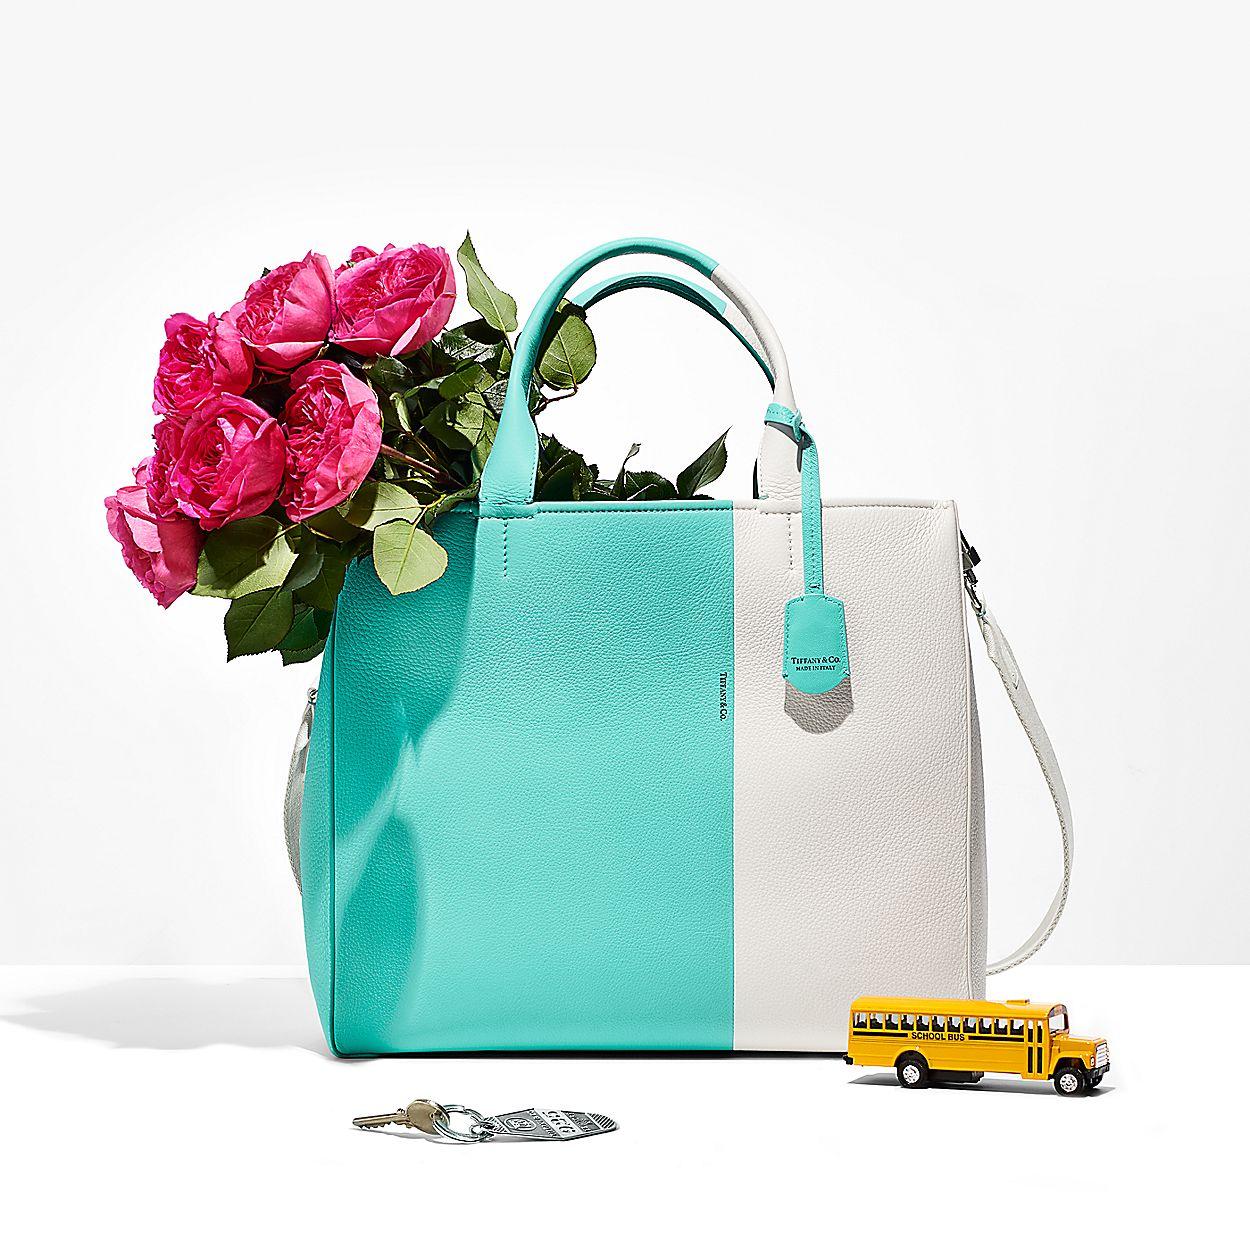 a555c446c5c0 Женская сумка Color Block, лицевая телячья кожа, кремовая и Tiffany ...